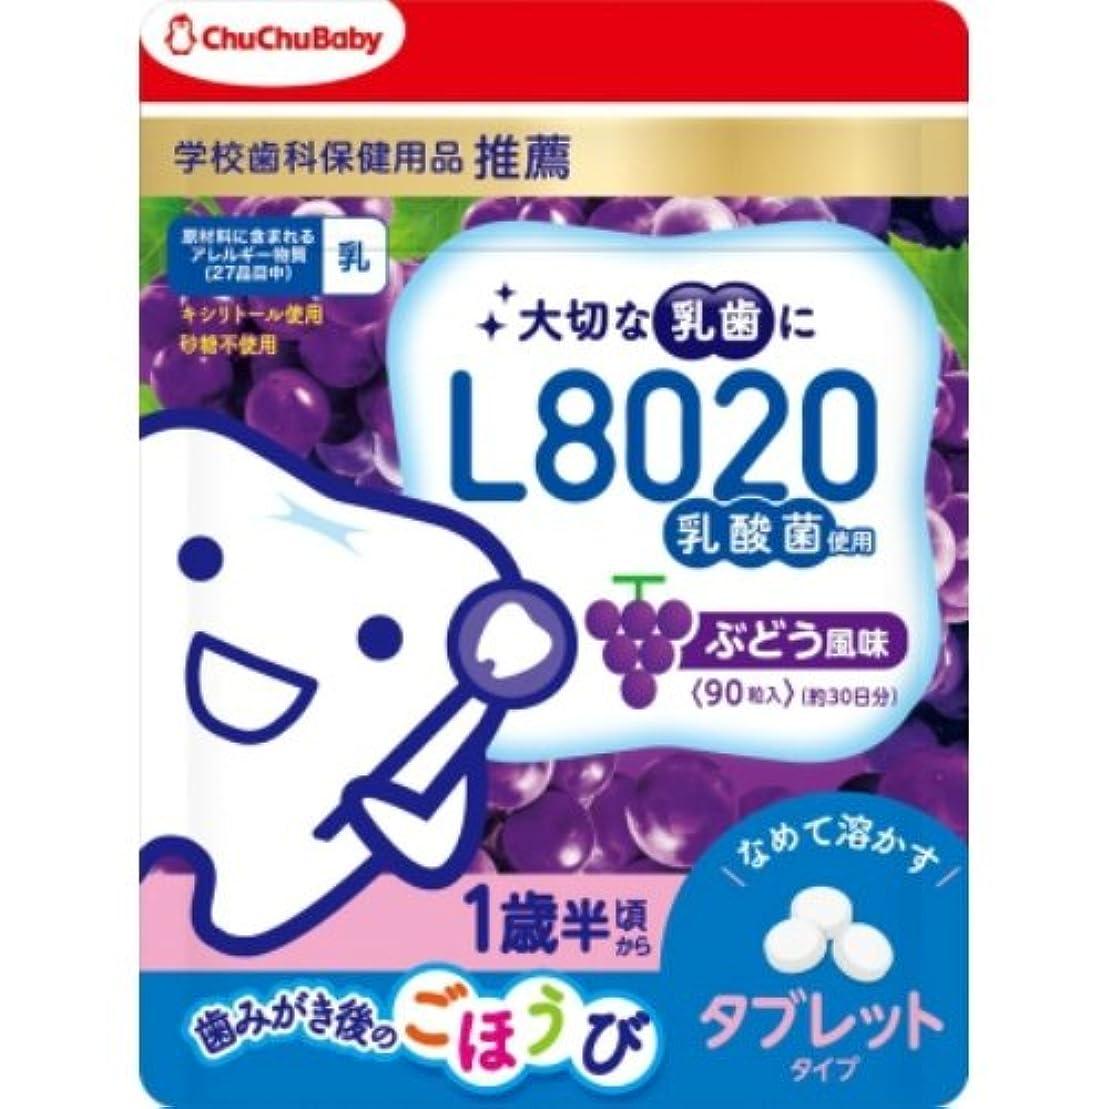 厄介な表示一口L8020乳酸菌チュチュベビータブレットぶどう風味 × 5個セット